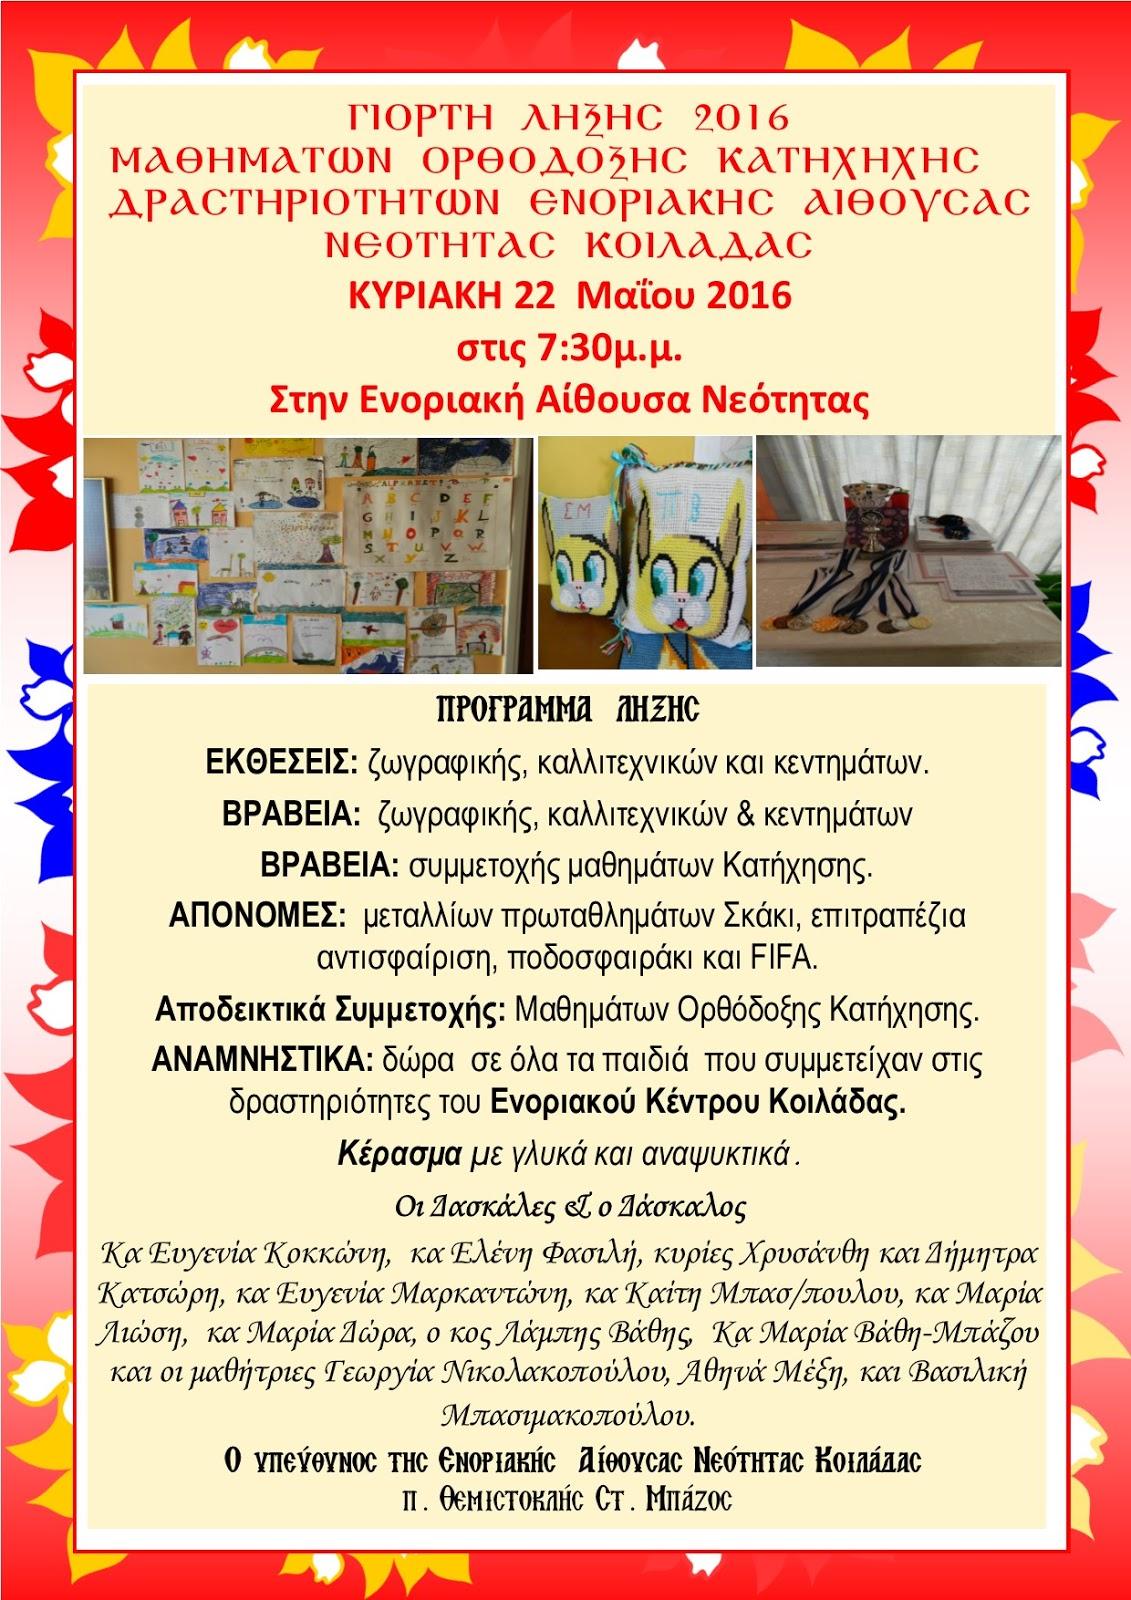 Γιορτή λήξης 2016 μαθημάτων Ορθόδοξης Κατήχησης και δραστηριοτήτων Ενοριακής Αίθουσας Νεότητας στην